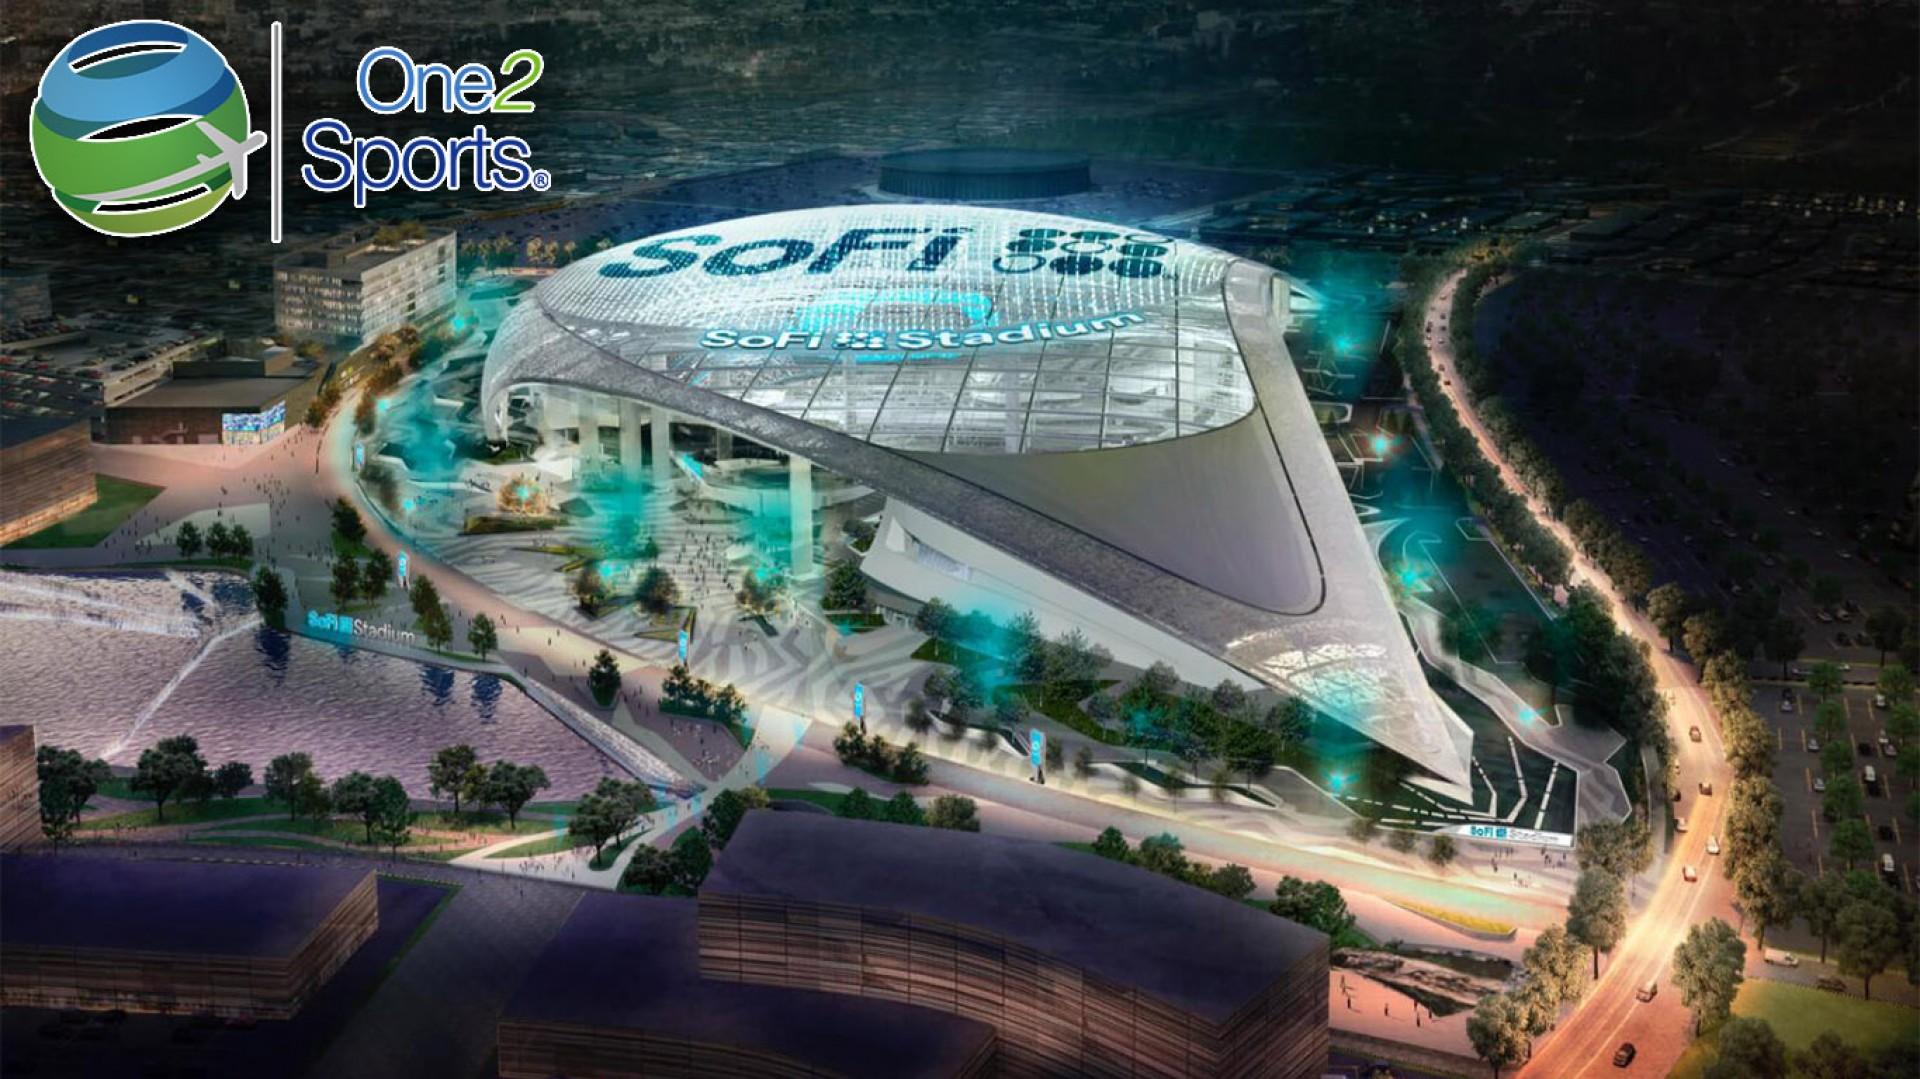 Conoce el nuevo SoFi Stadium en Inglewood, California